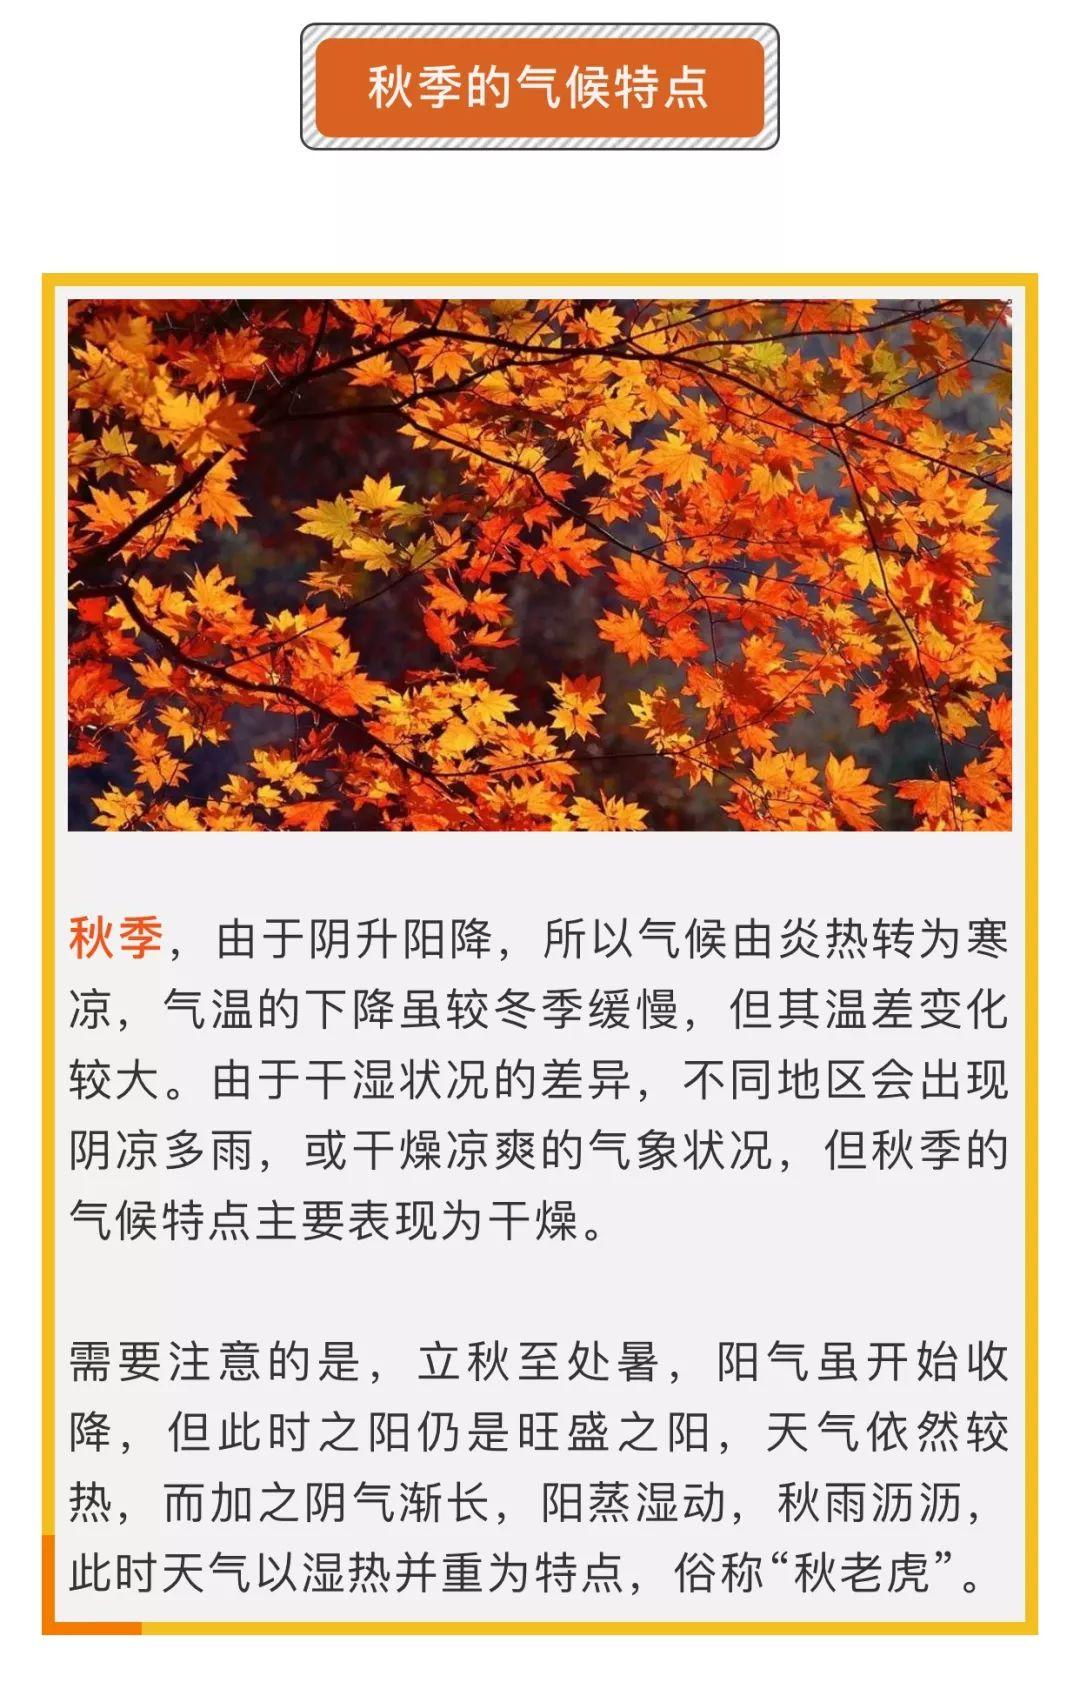 健康 | 吃出健康,秋季养生正当时!